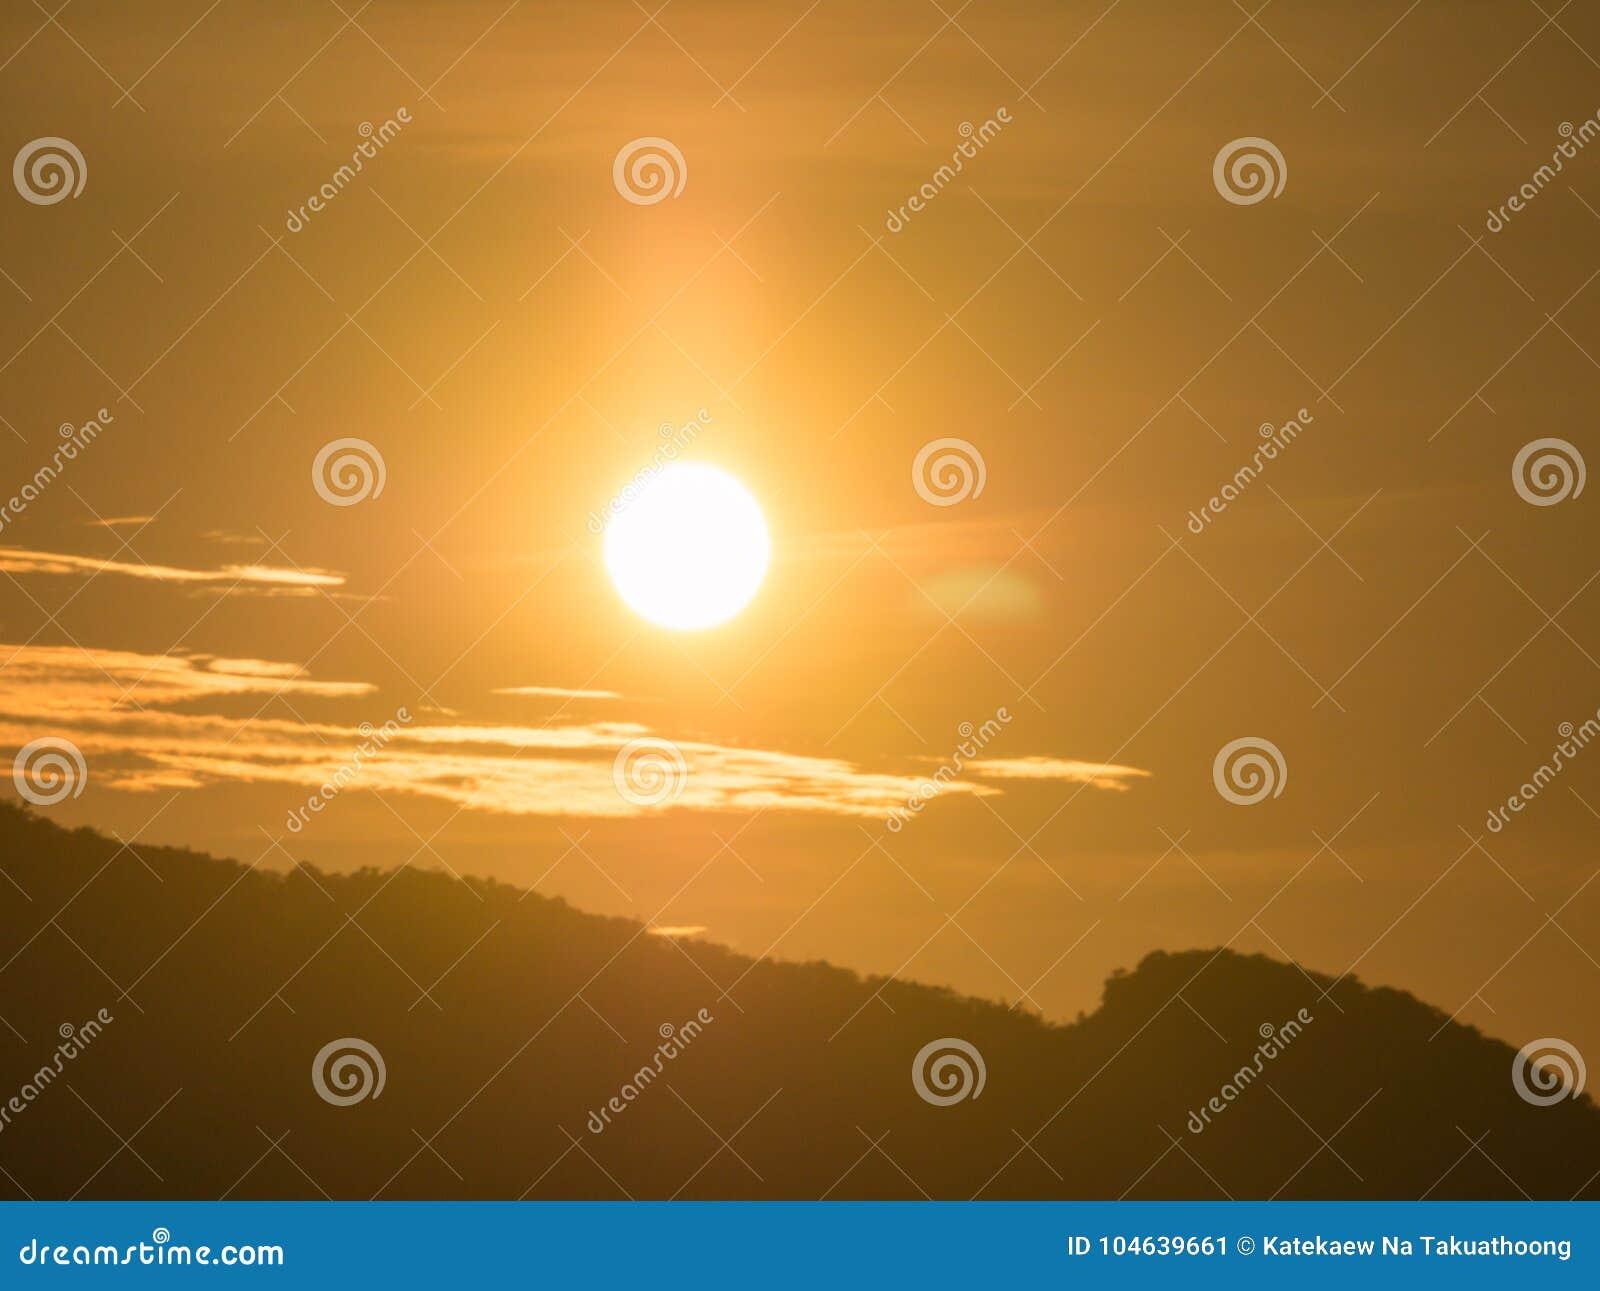 Download Blauwe Hemel Met Bewolkte Berg Als Achtergrond En Silhouet Stock Afbeelding - Afbeelding bestaande uit idyllisch, bewolkt: 104639661